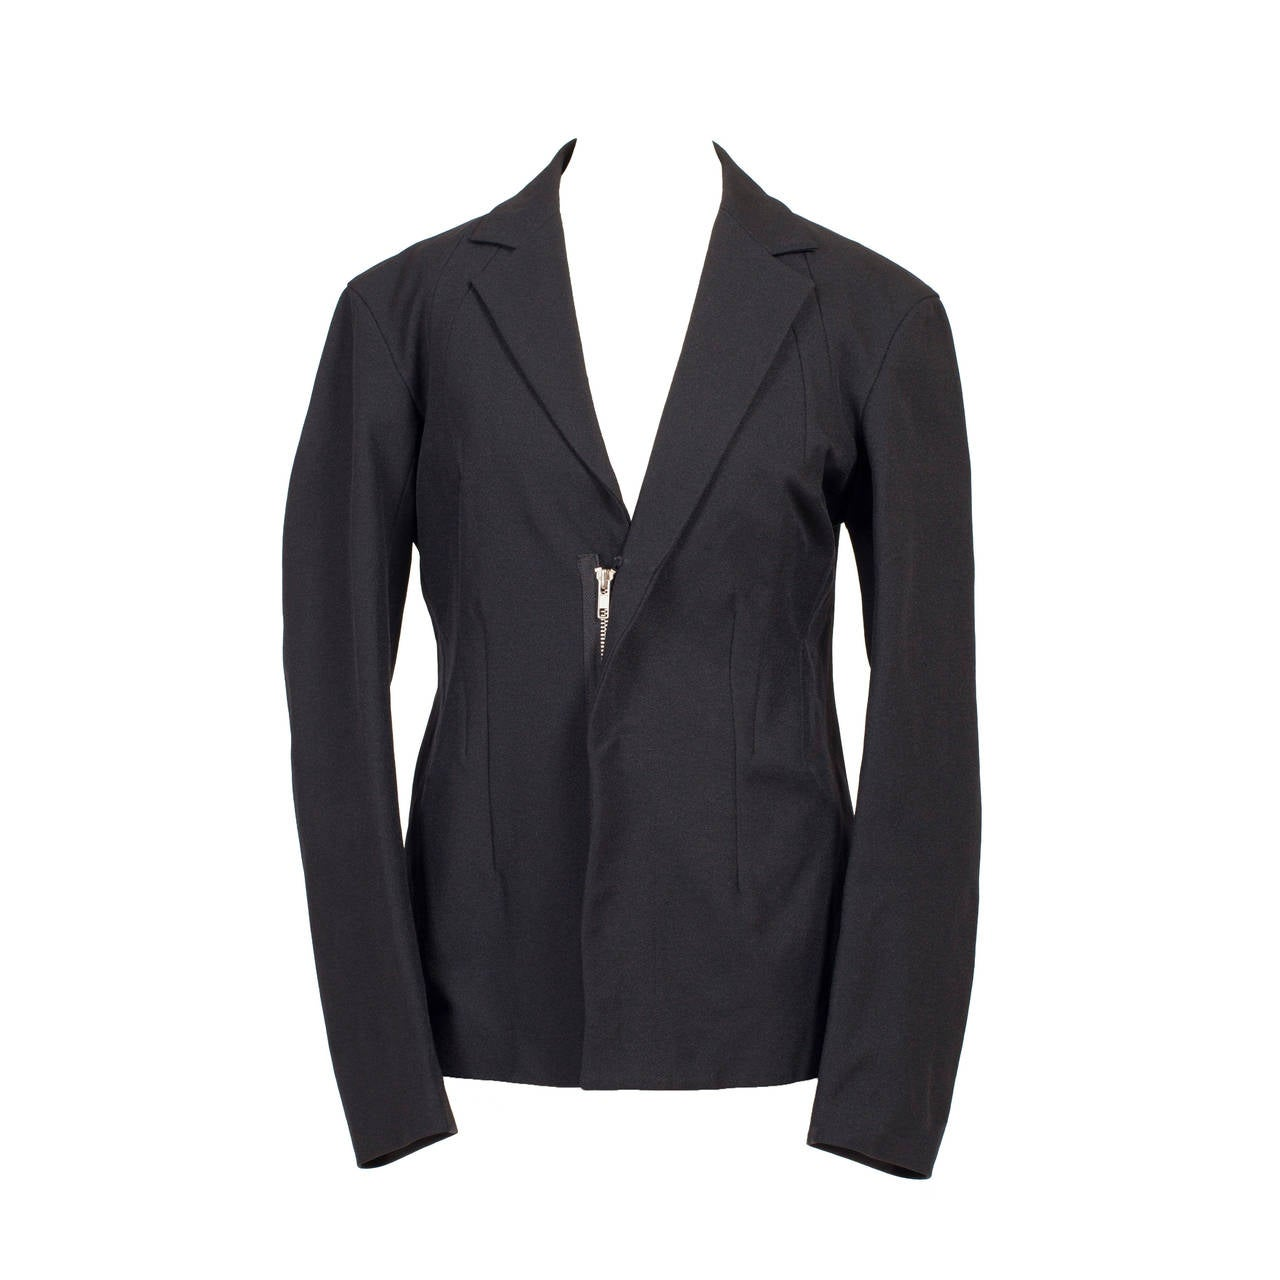 Yohji Yamamoto Y's Black Zip Jacket